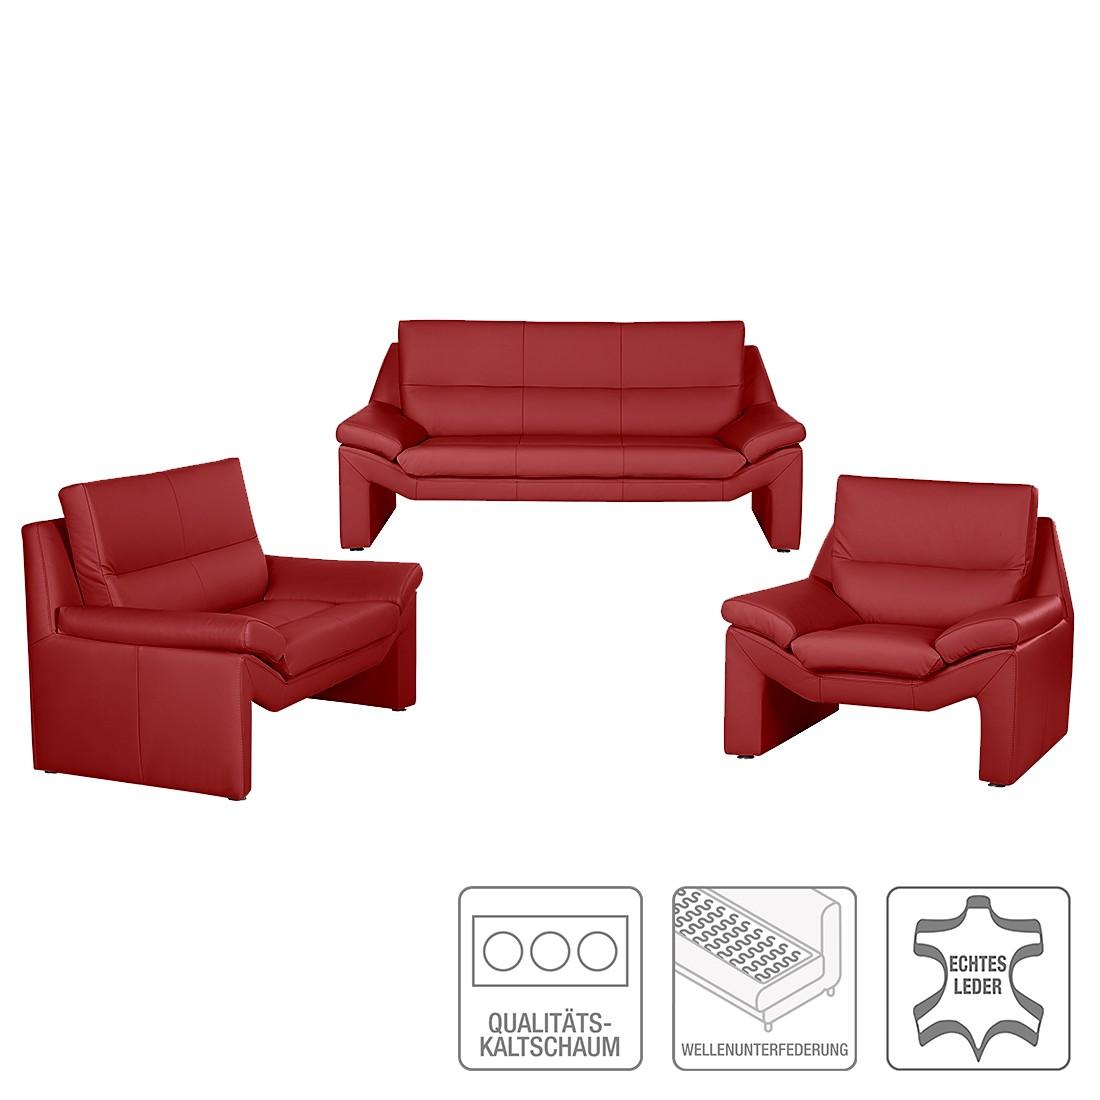 Canapé panoramique Longford (3 - 2 - 1) - Cuir véritable rouge, Nuovoform